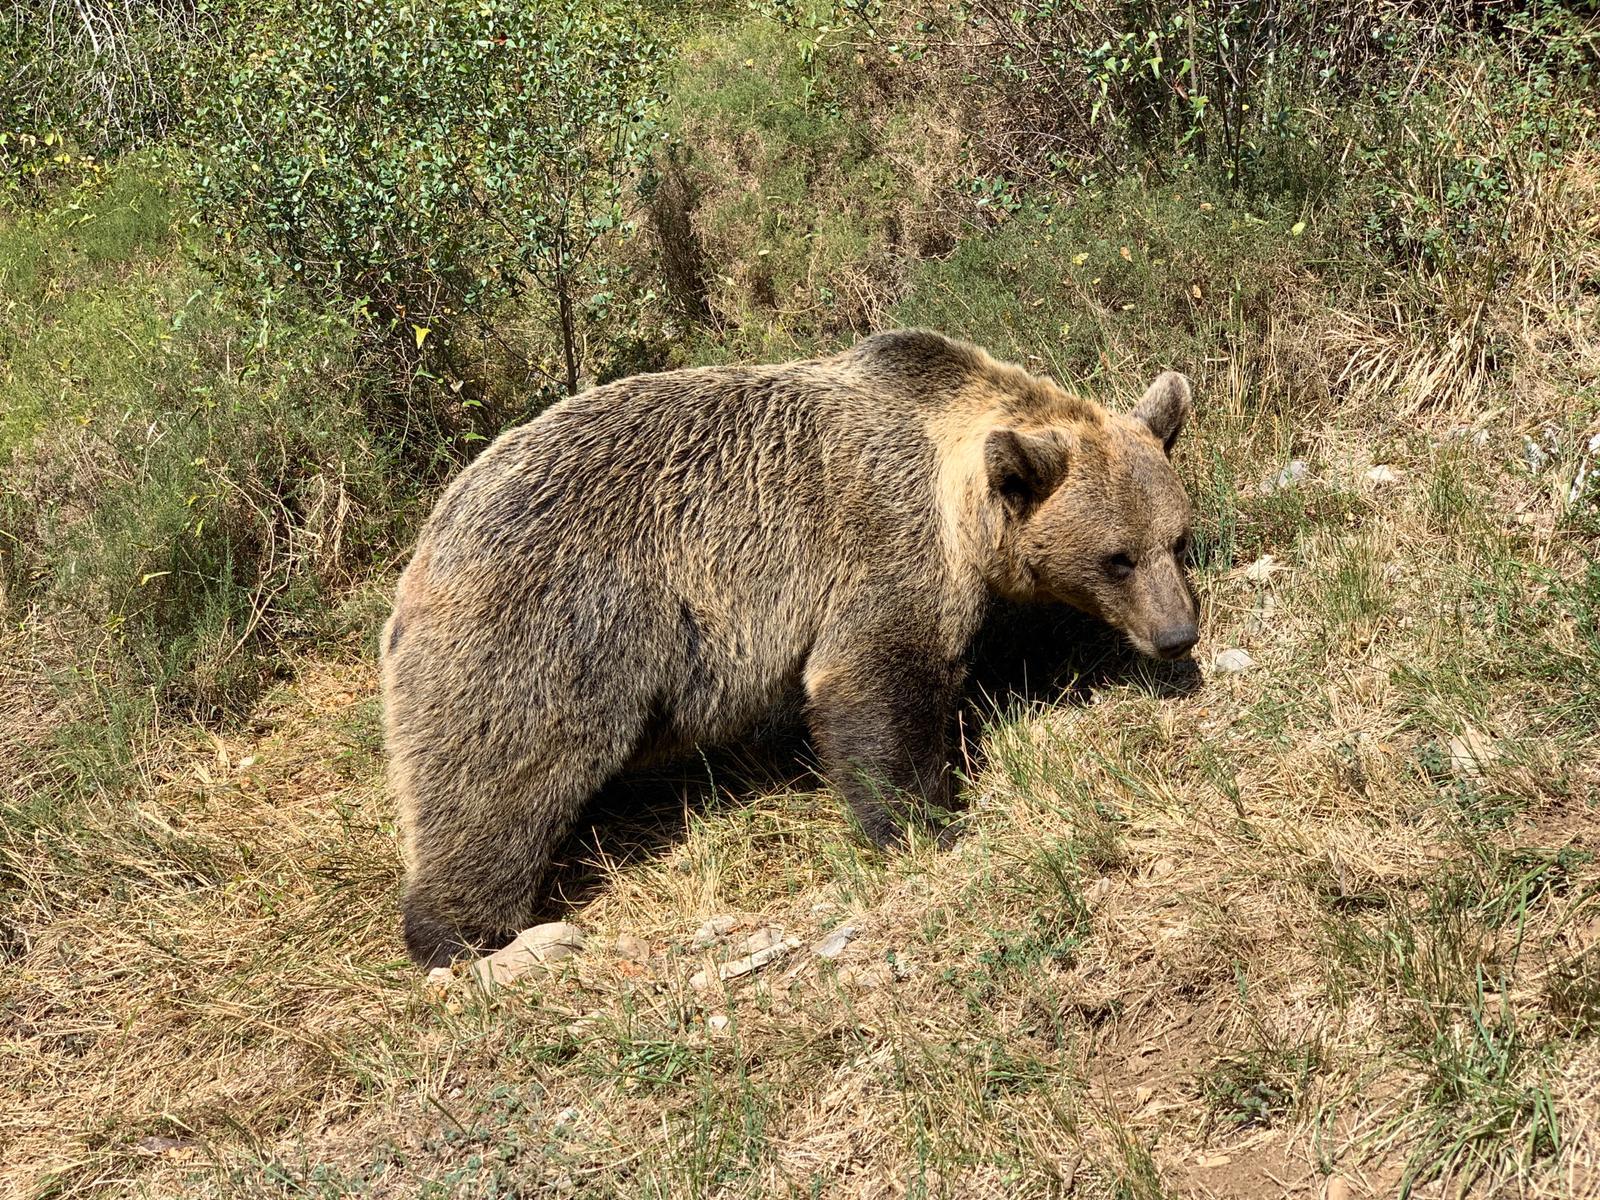 ¿Sabías que, durante el otoño, los osos pardos pueden aumentar su peso en más de un 30%?